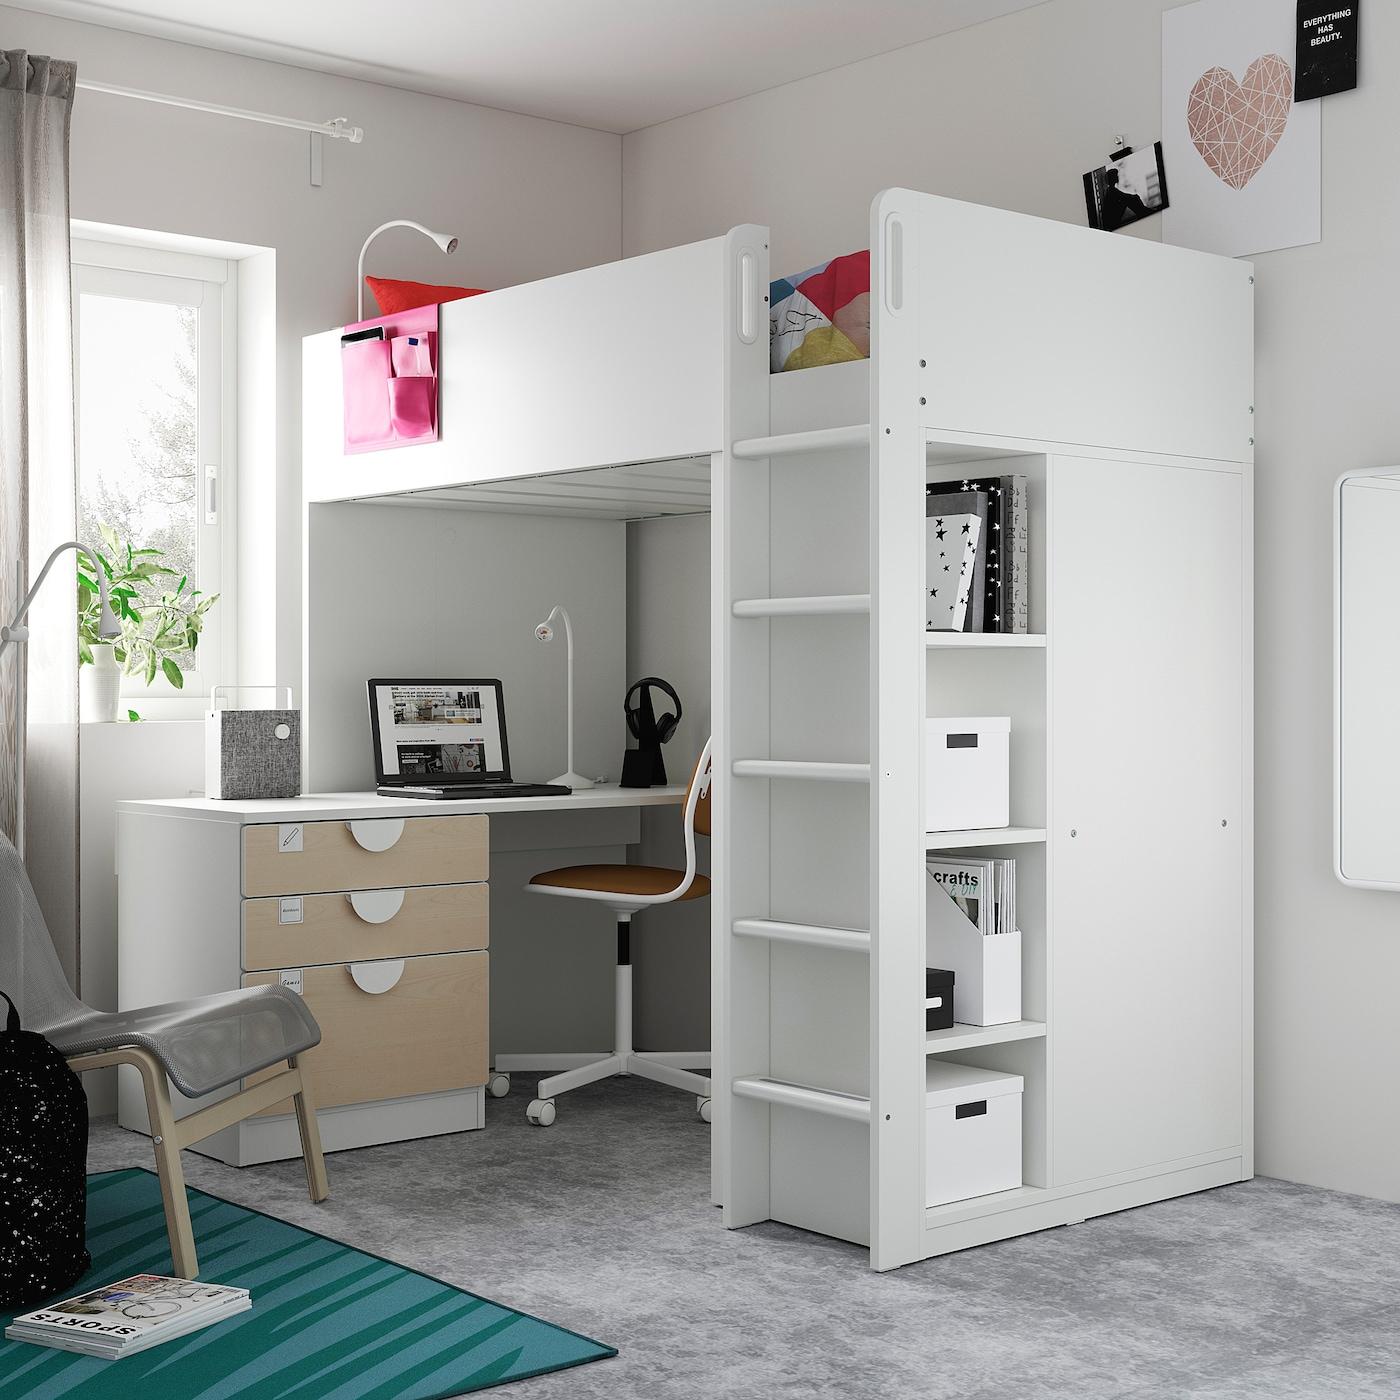 hacer cama alta con muebles de ikea